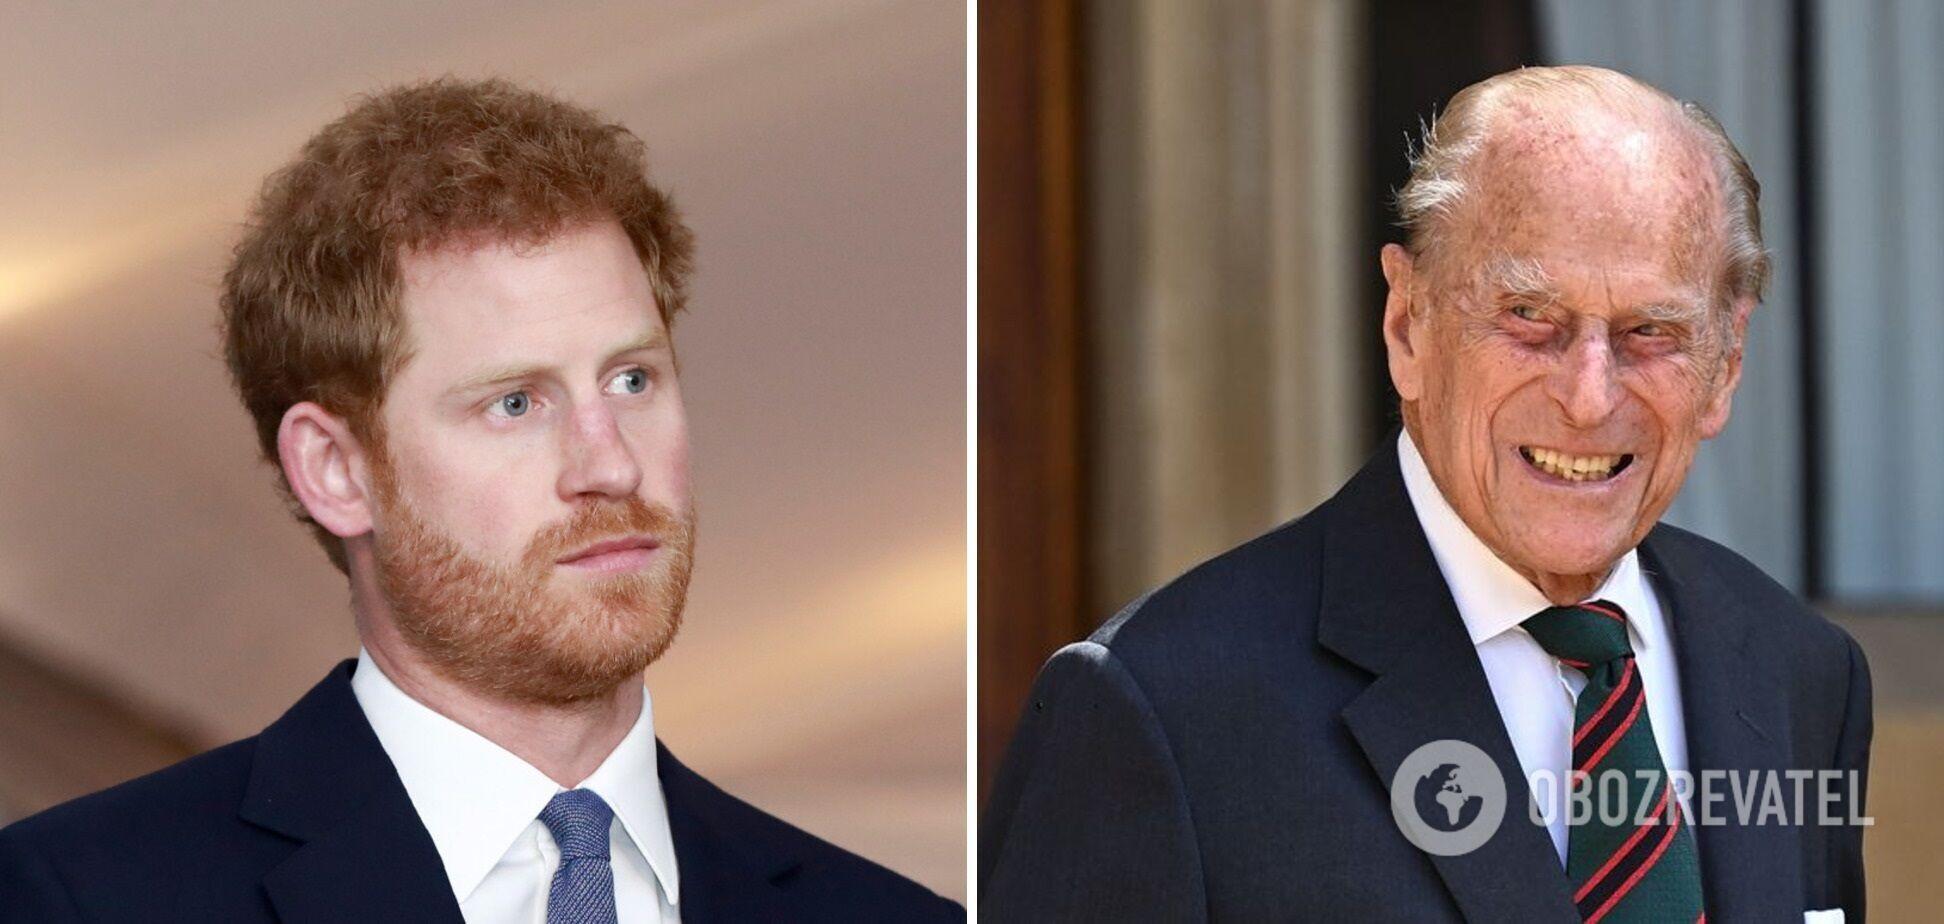 Принц Гарри может получить значительную часть наследства принца Филиппа